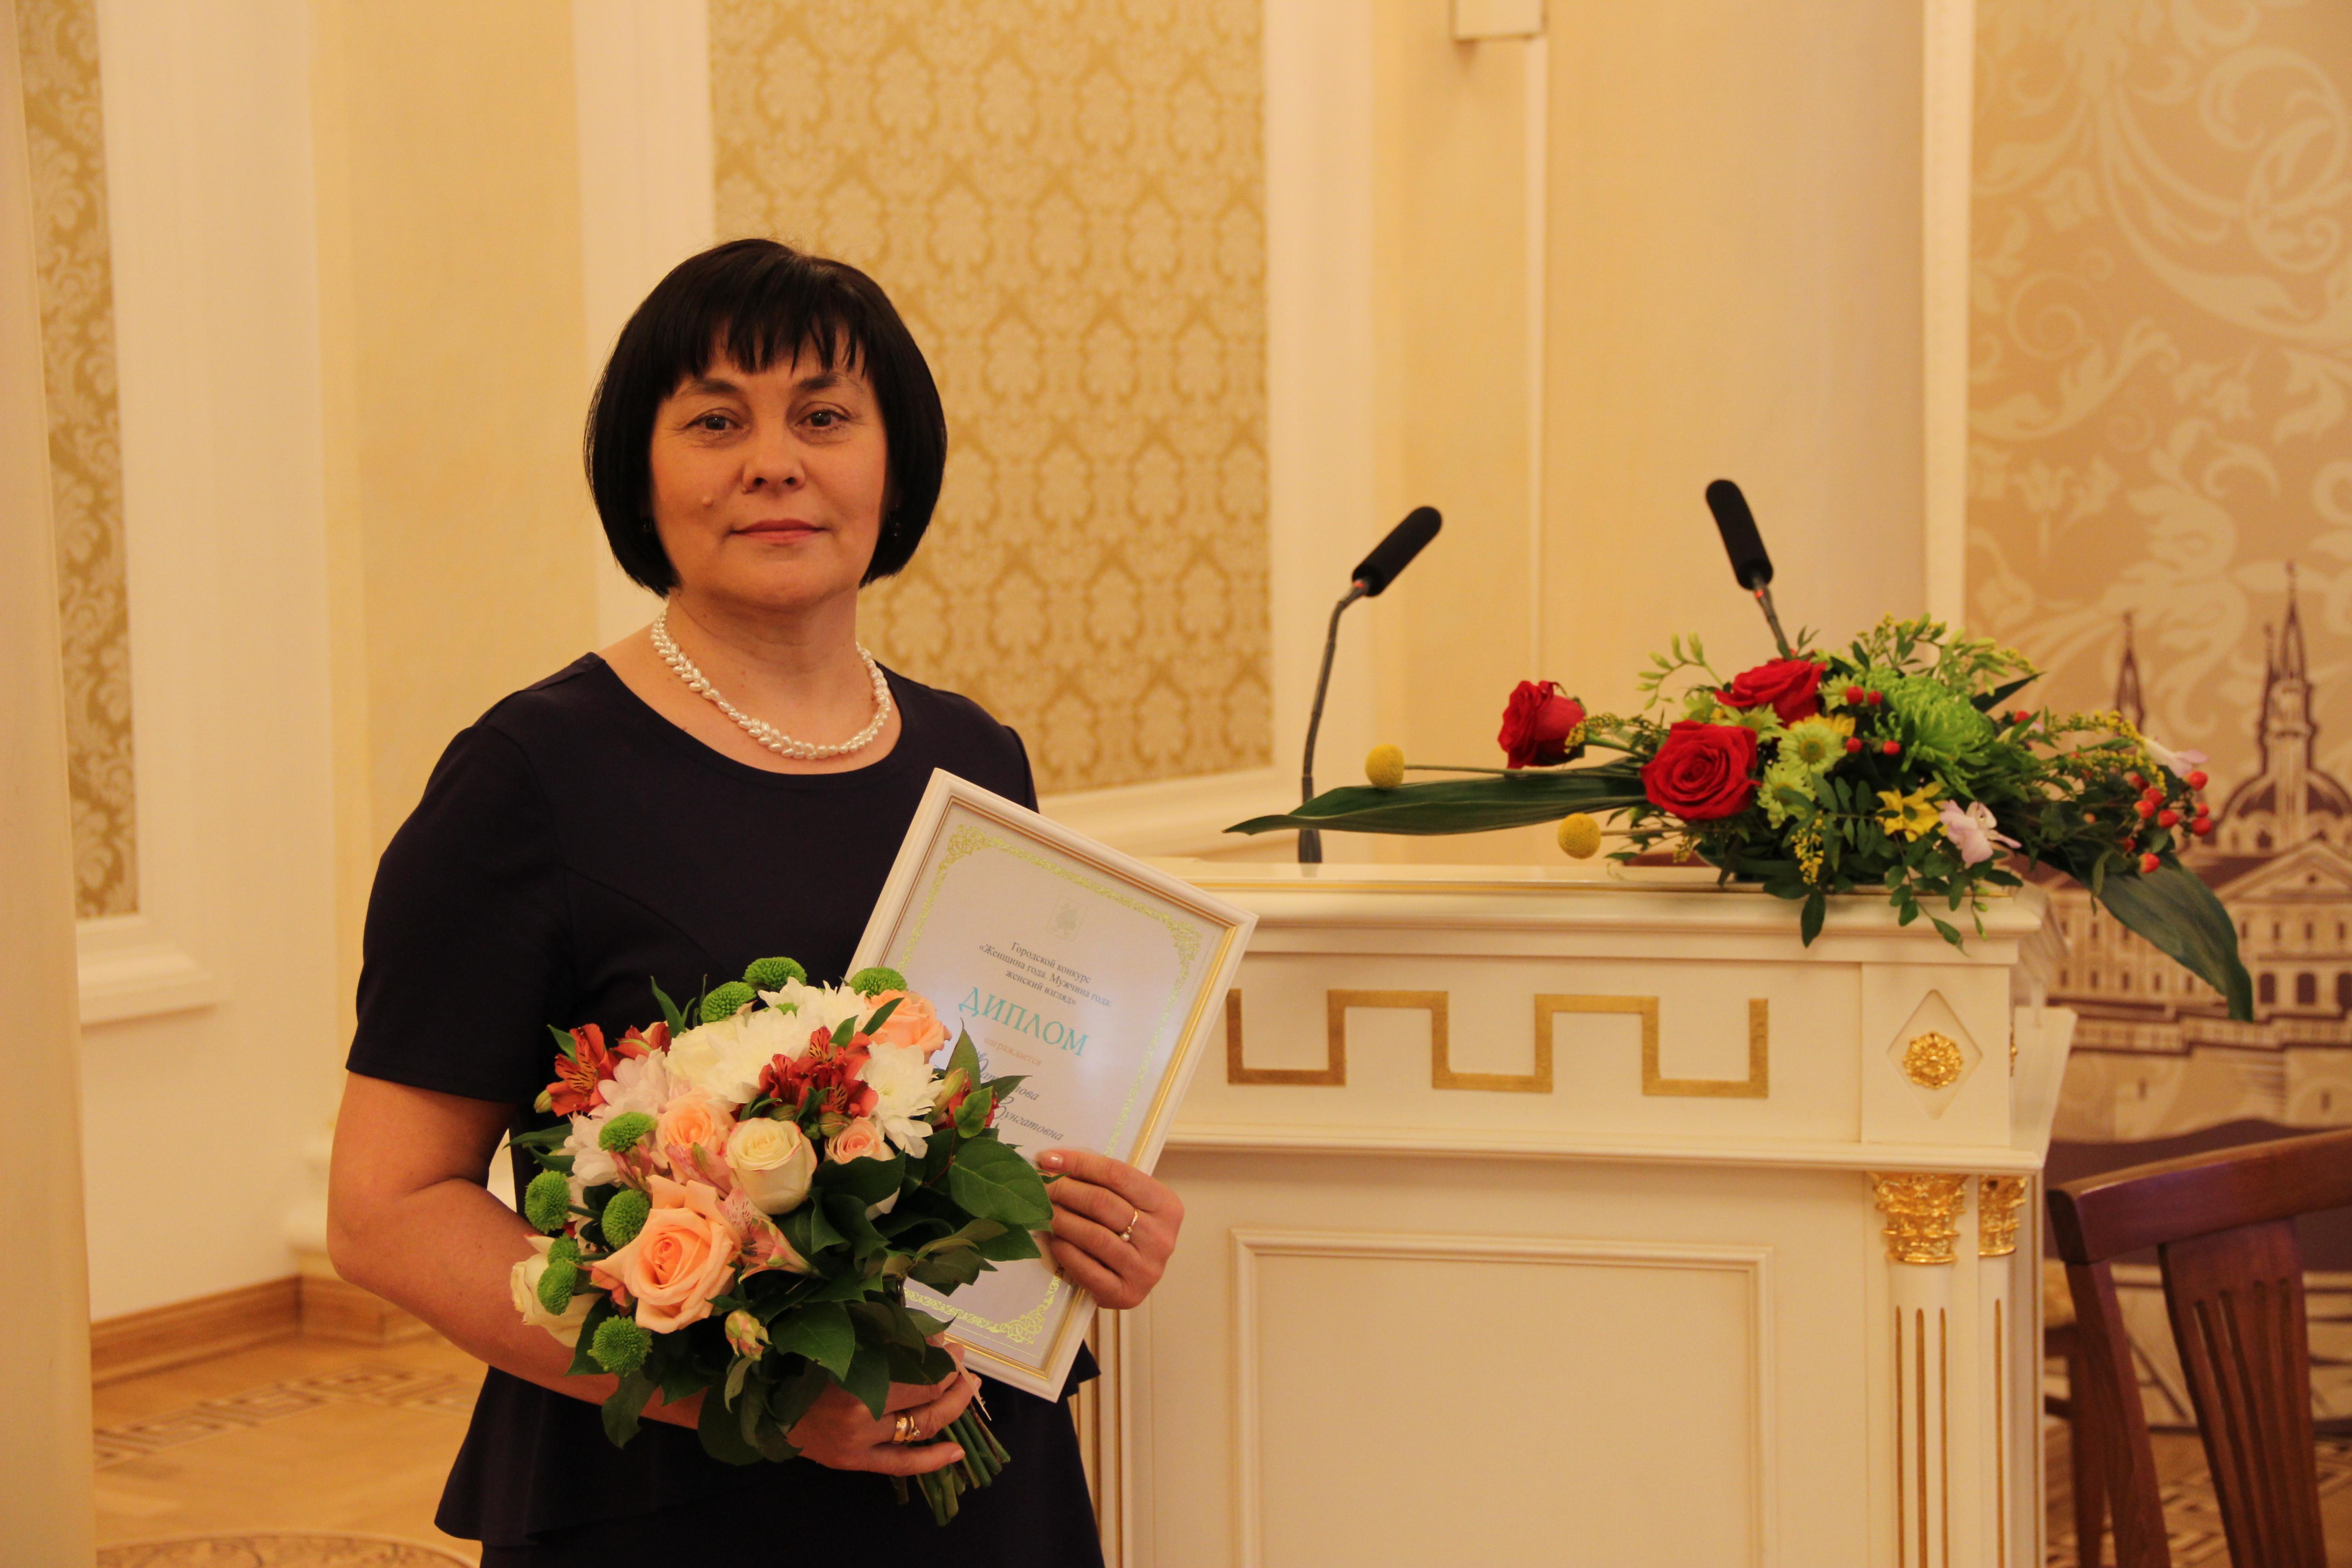 фото . Победитель конкурса Женщина года 2013.